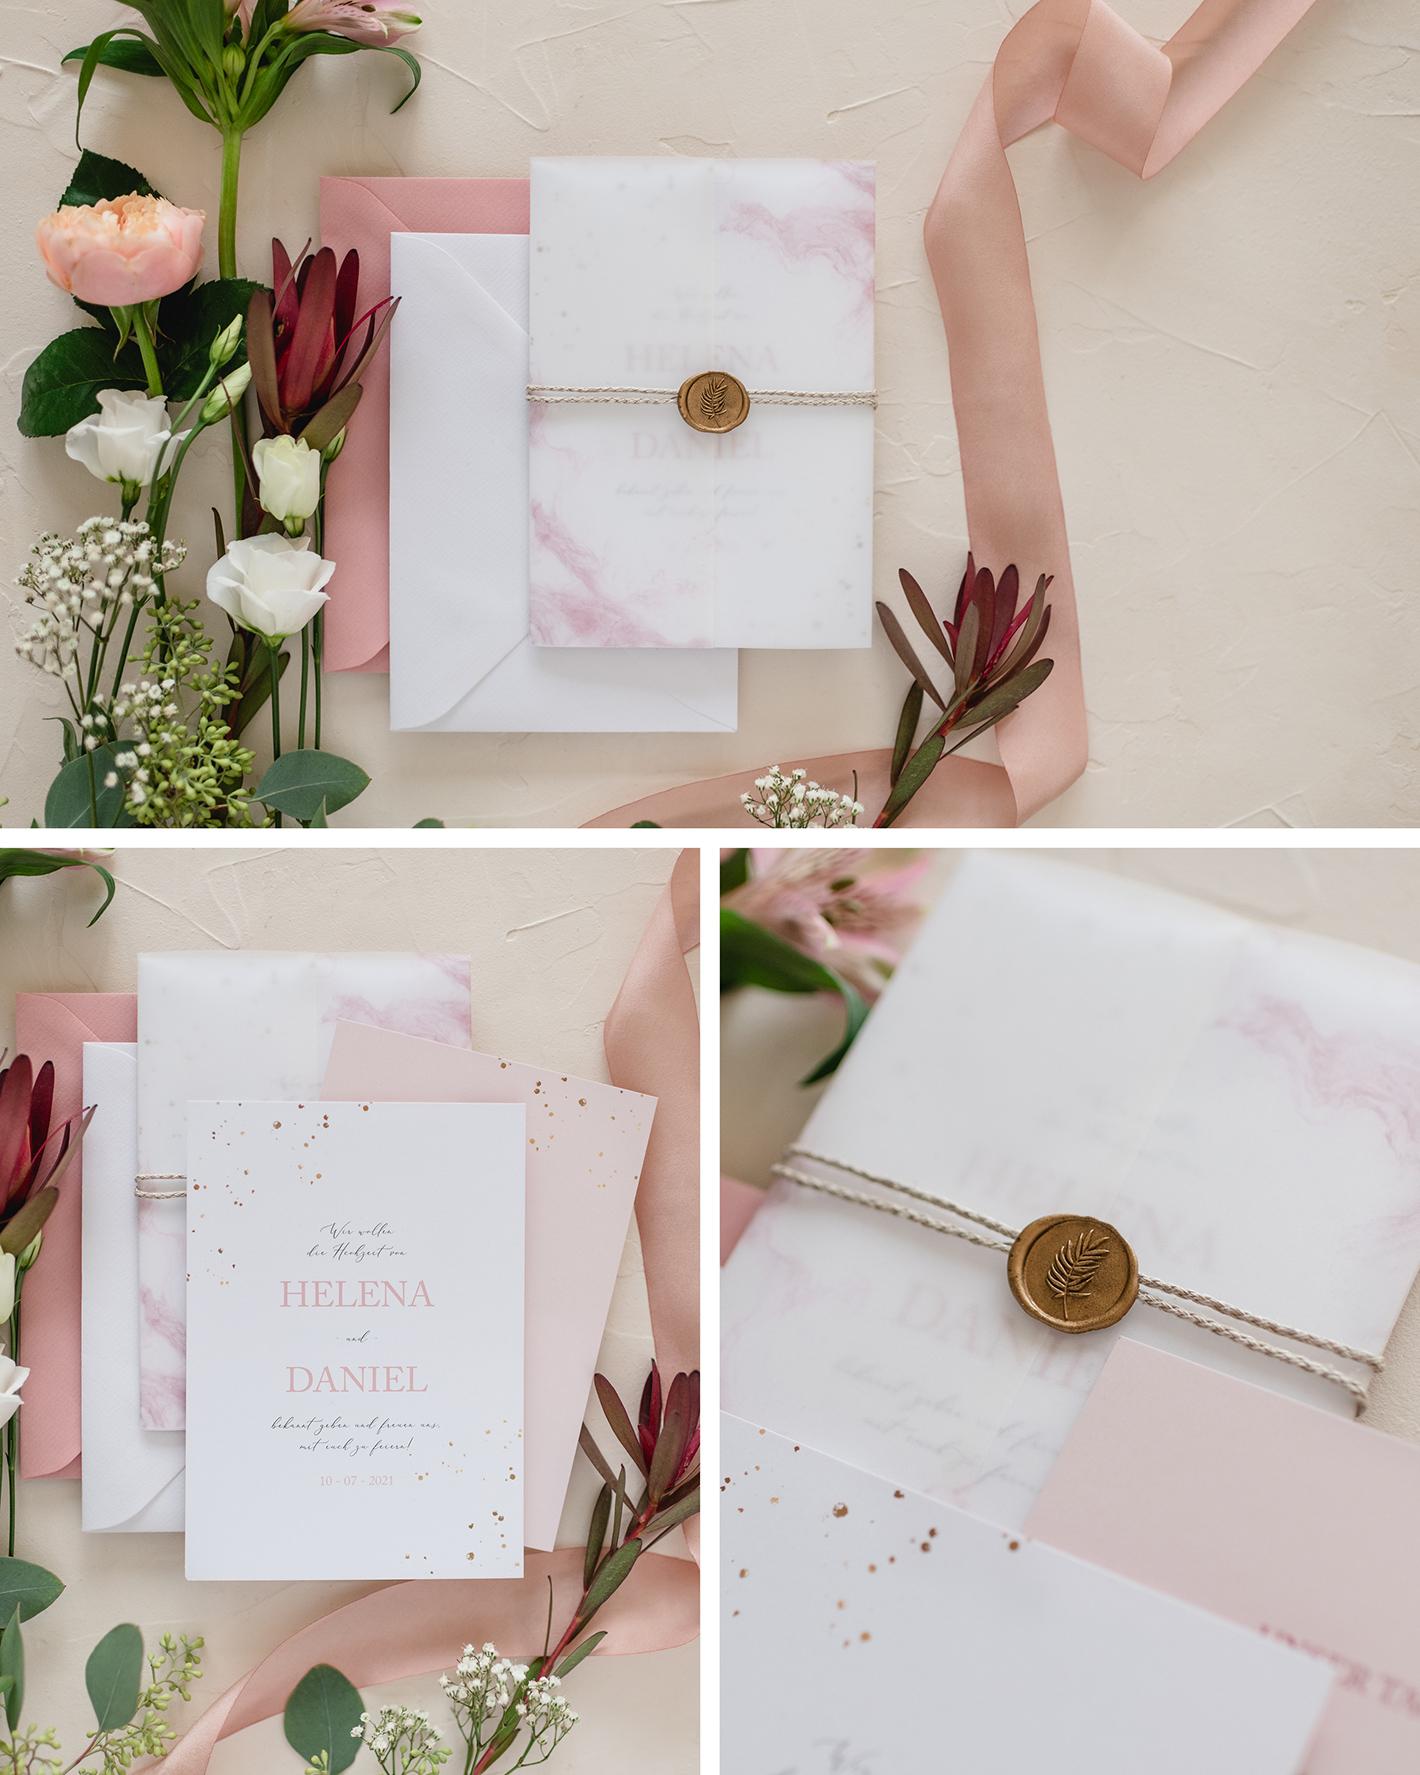 Weiße Karte ist mit Transparentpapier umwickelt und wird mit einem goldenen Siegel zusammengehalten als Hochzeitseinladung.